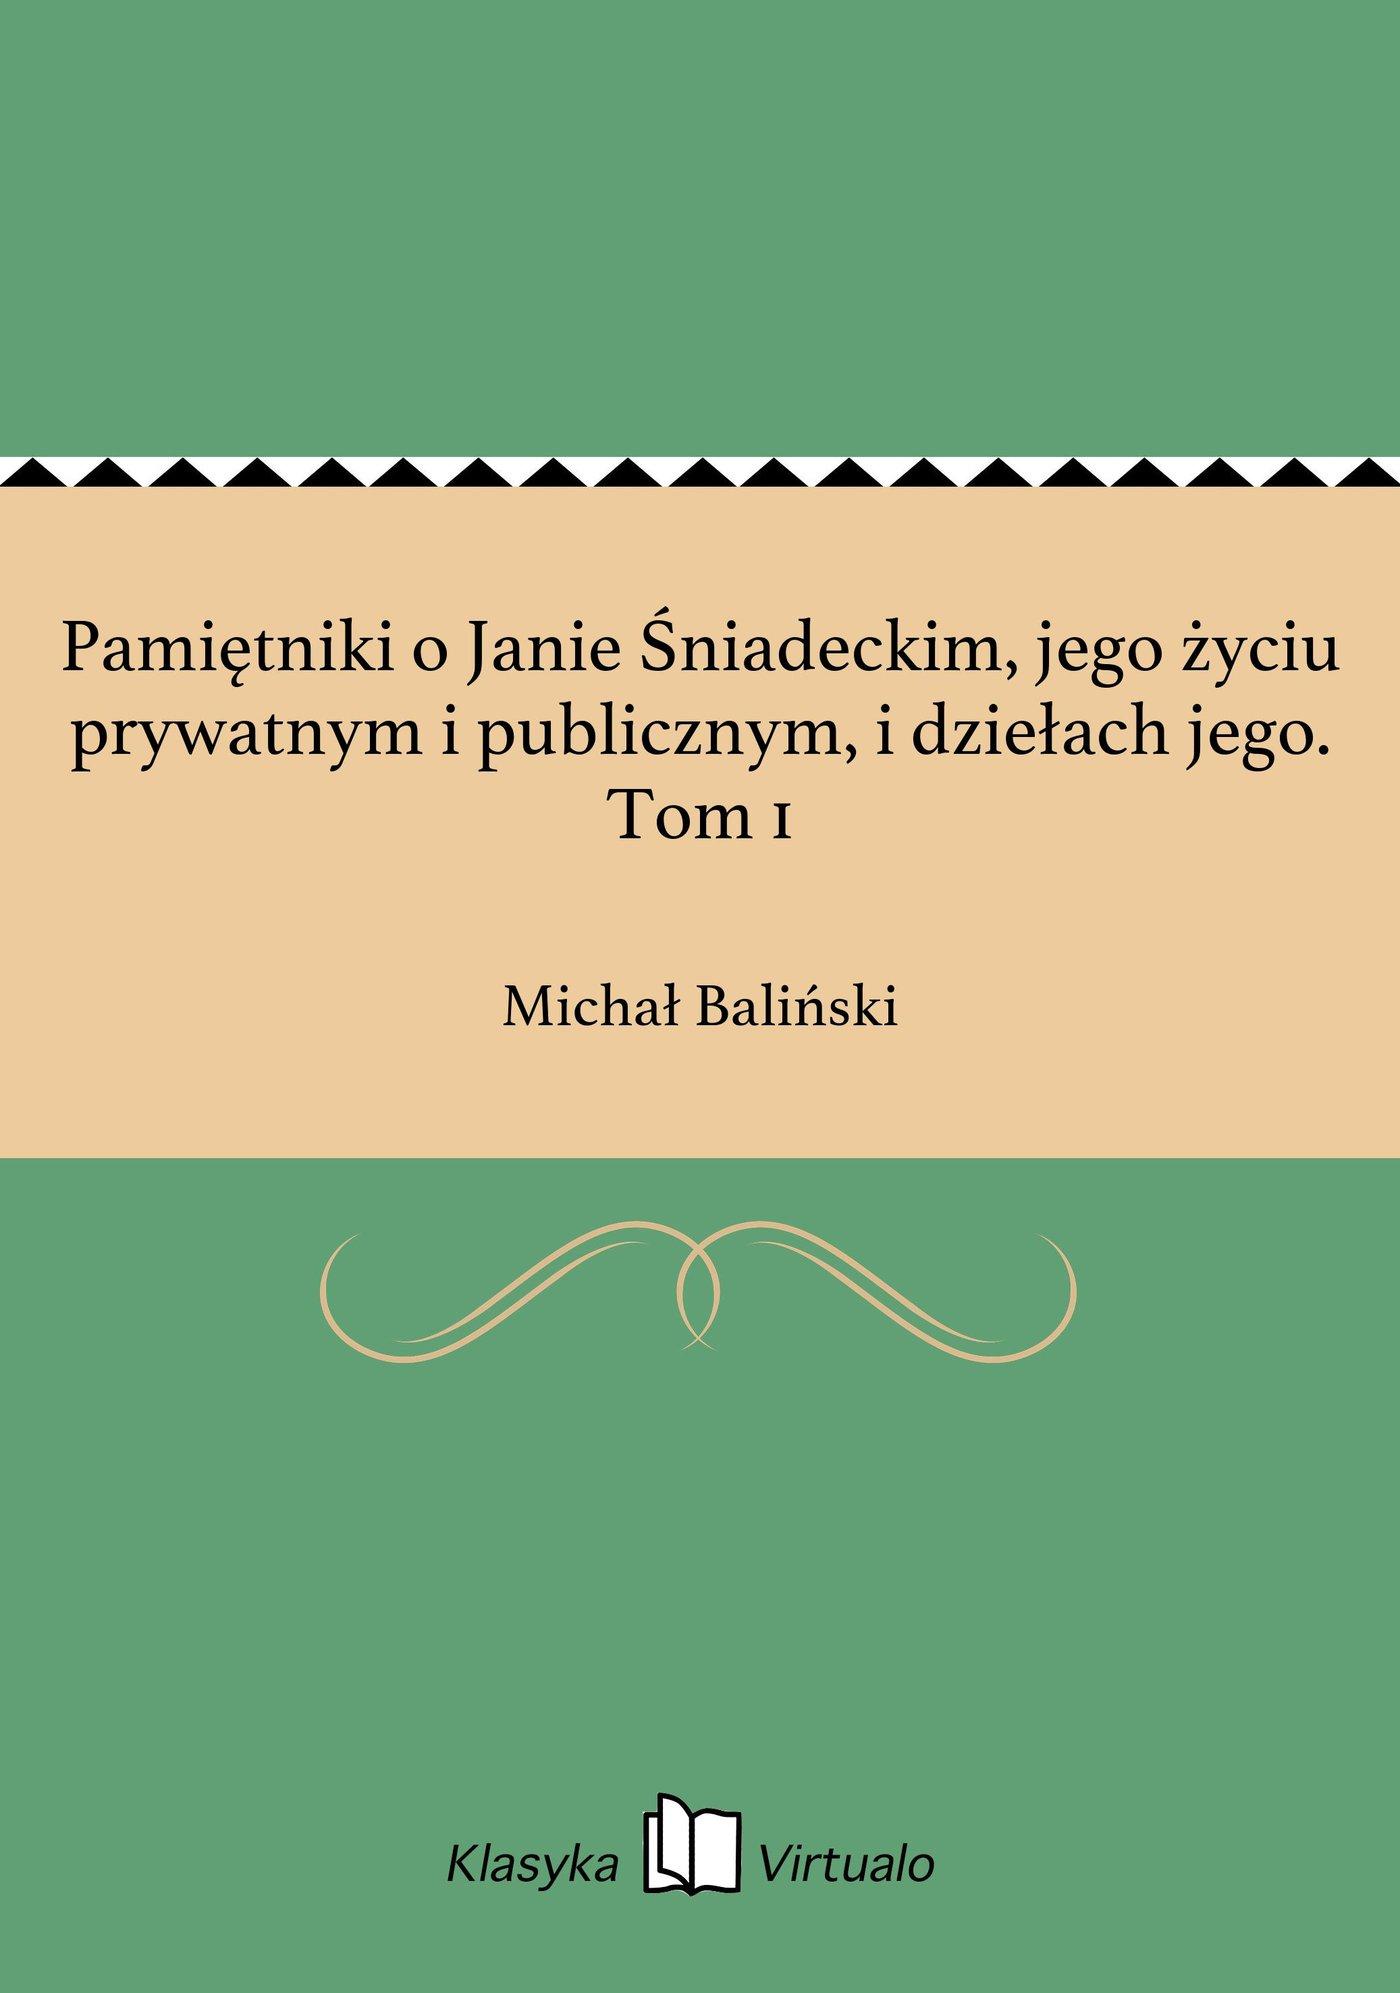 Pamiętniki o Janie Śniadeckim, jego życiu prywatnym i publicznym, i dziełach jego. Tom 1 - Ebook (Książka EPUB) do pobrania w formacie EPUB